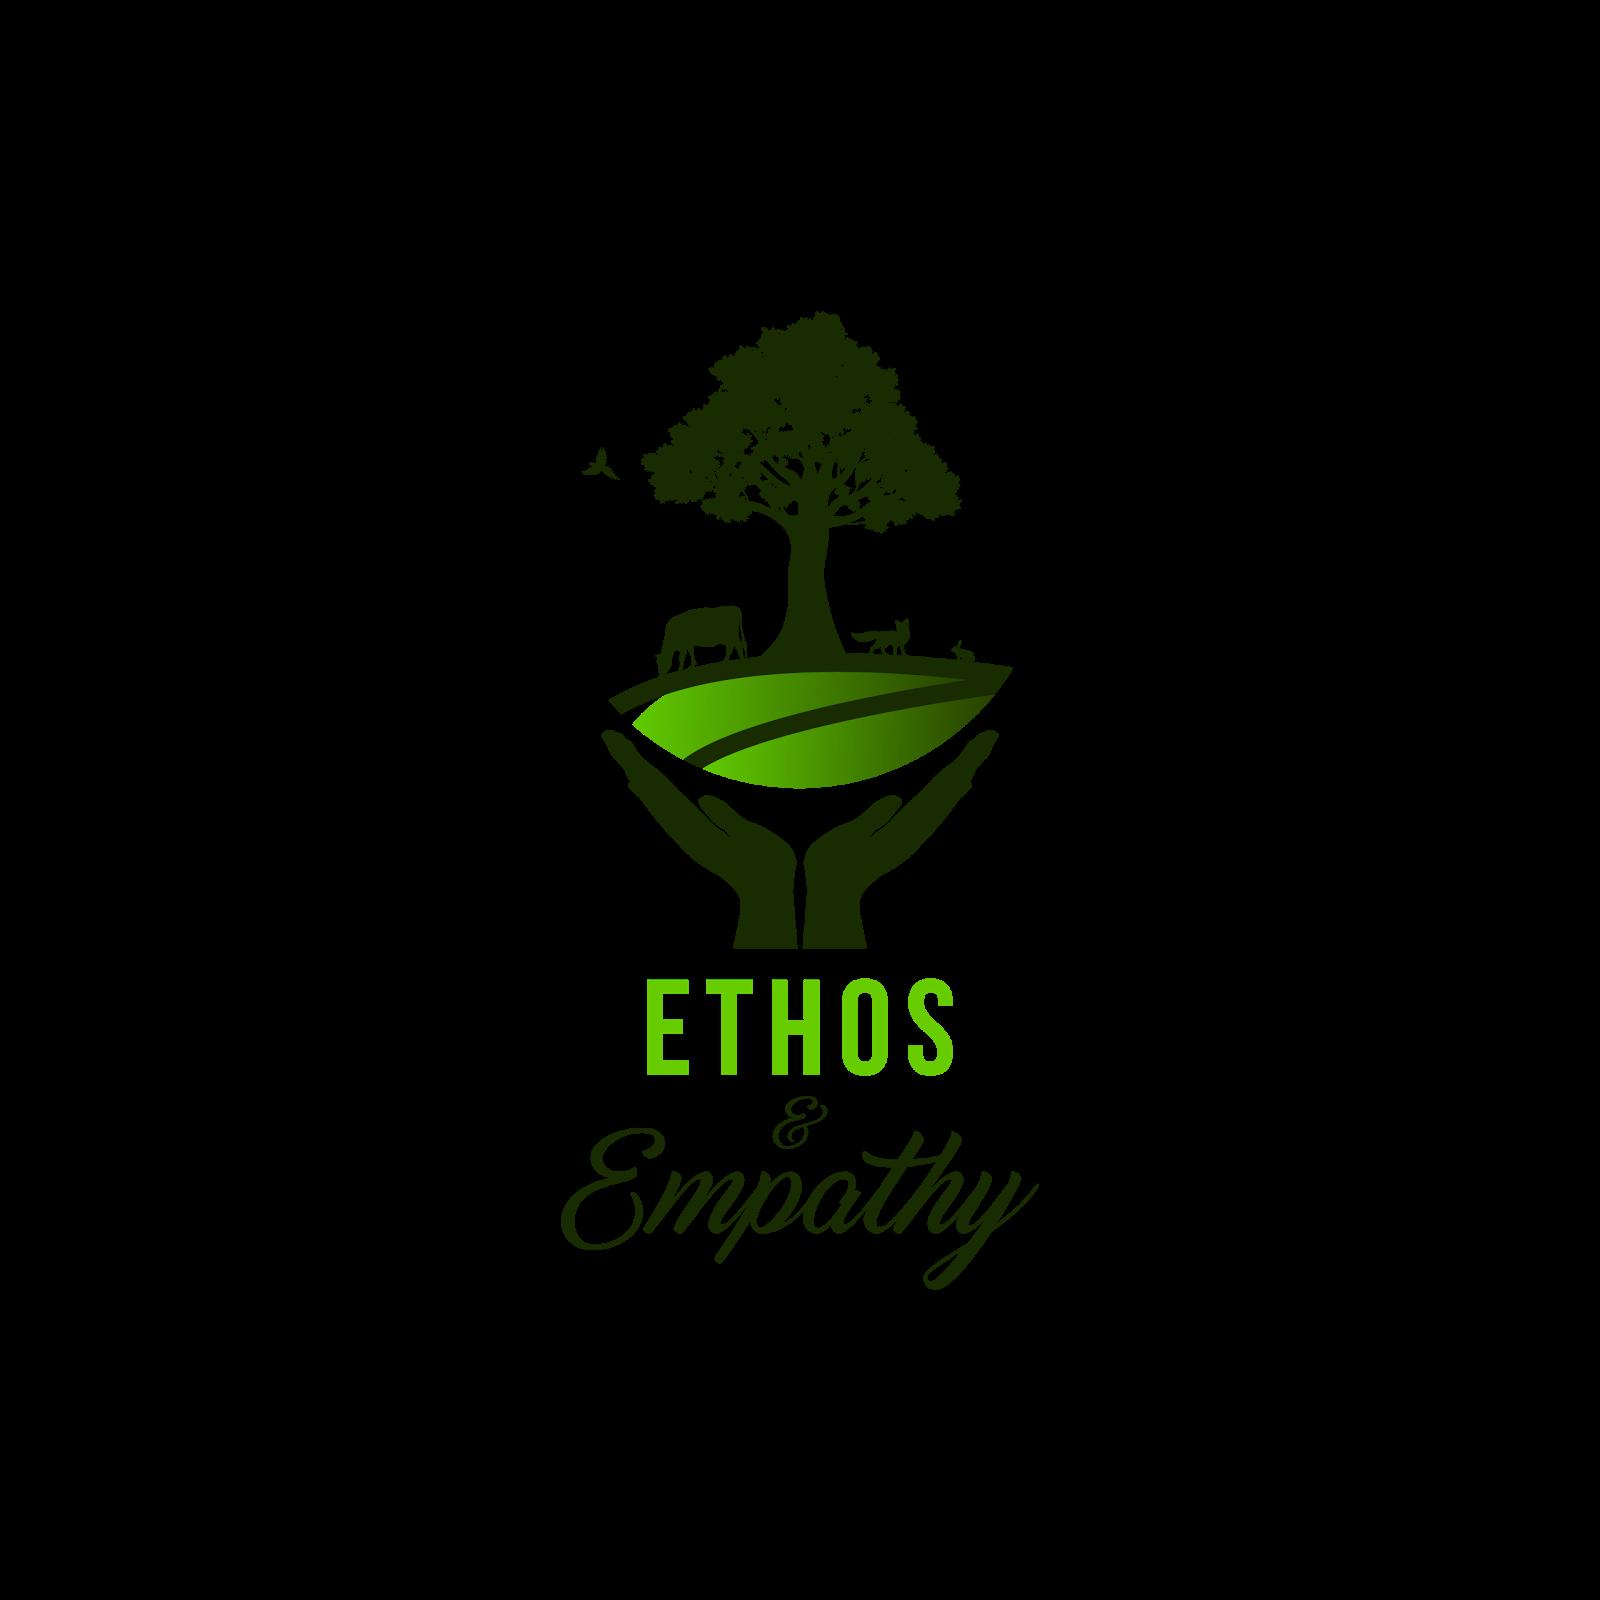 Ethos & Empathy - Η 1η συνέντευξη για το εγχείρημα